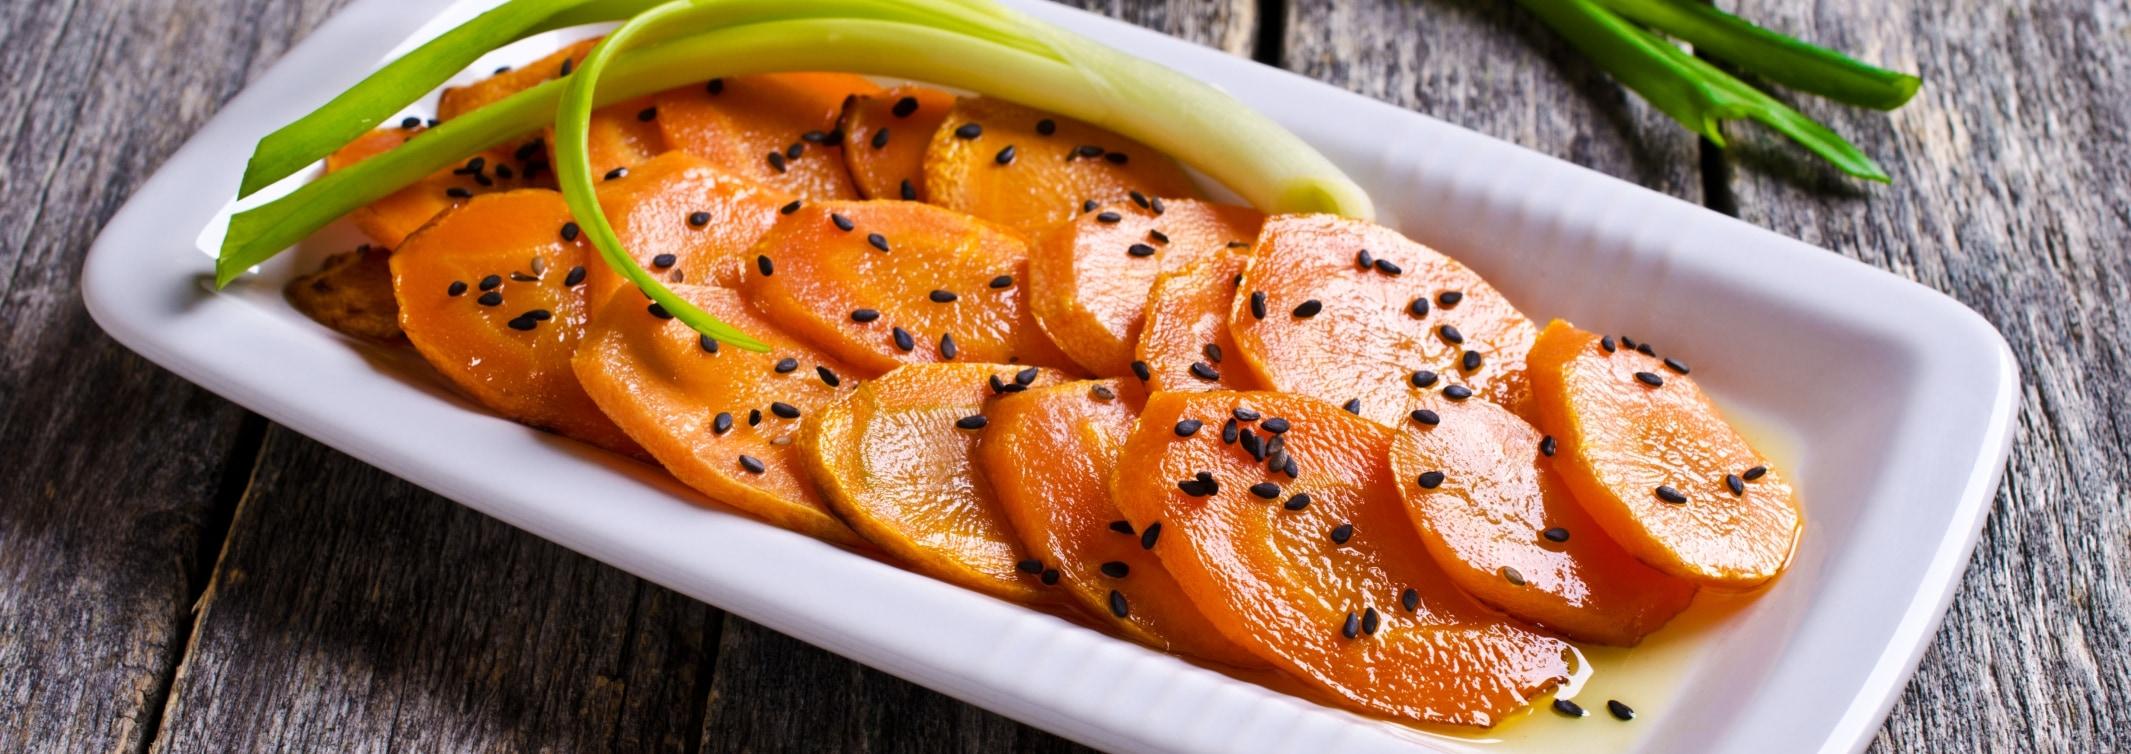 10 szuperdiétás étel, ami valósággal lerobbantja rólad a zsírt - Ripost